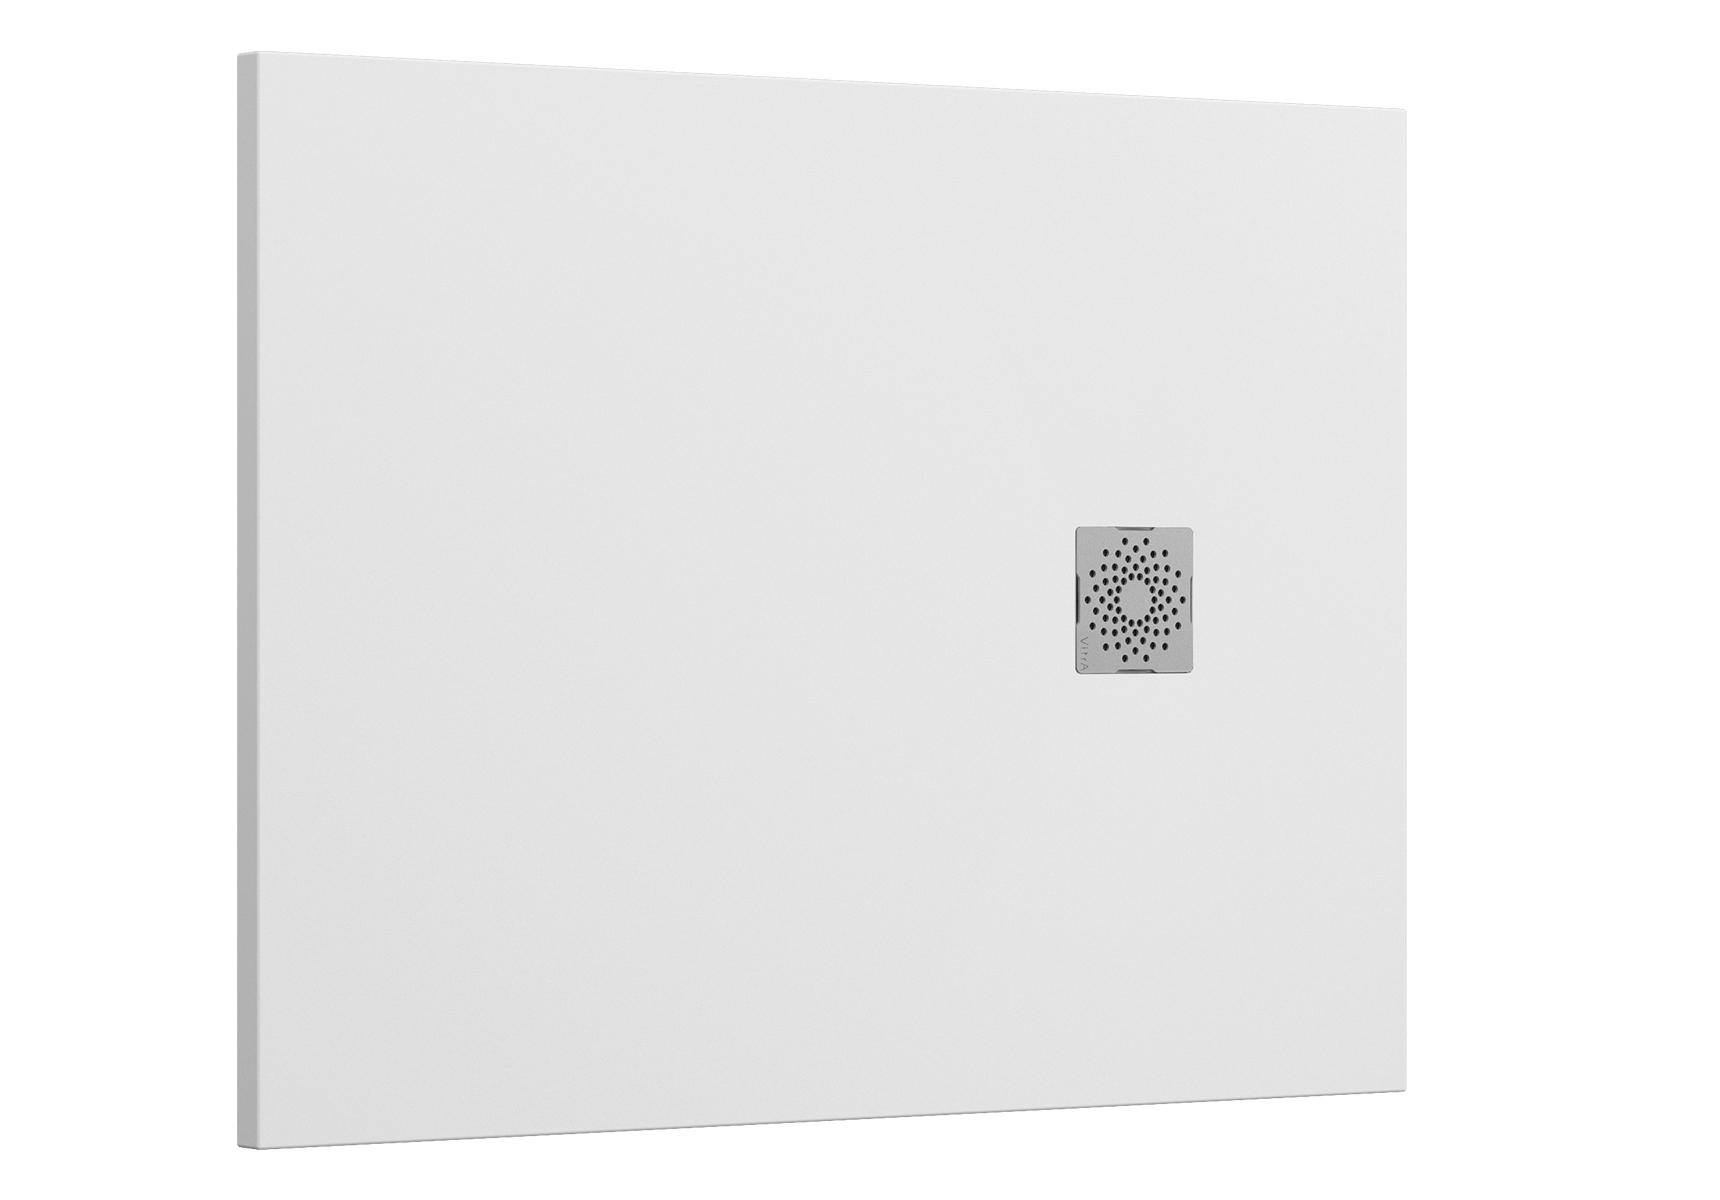 V-Stone Duschwanne, 120 x 90 cm, Anthrazit